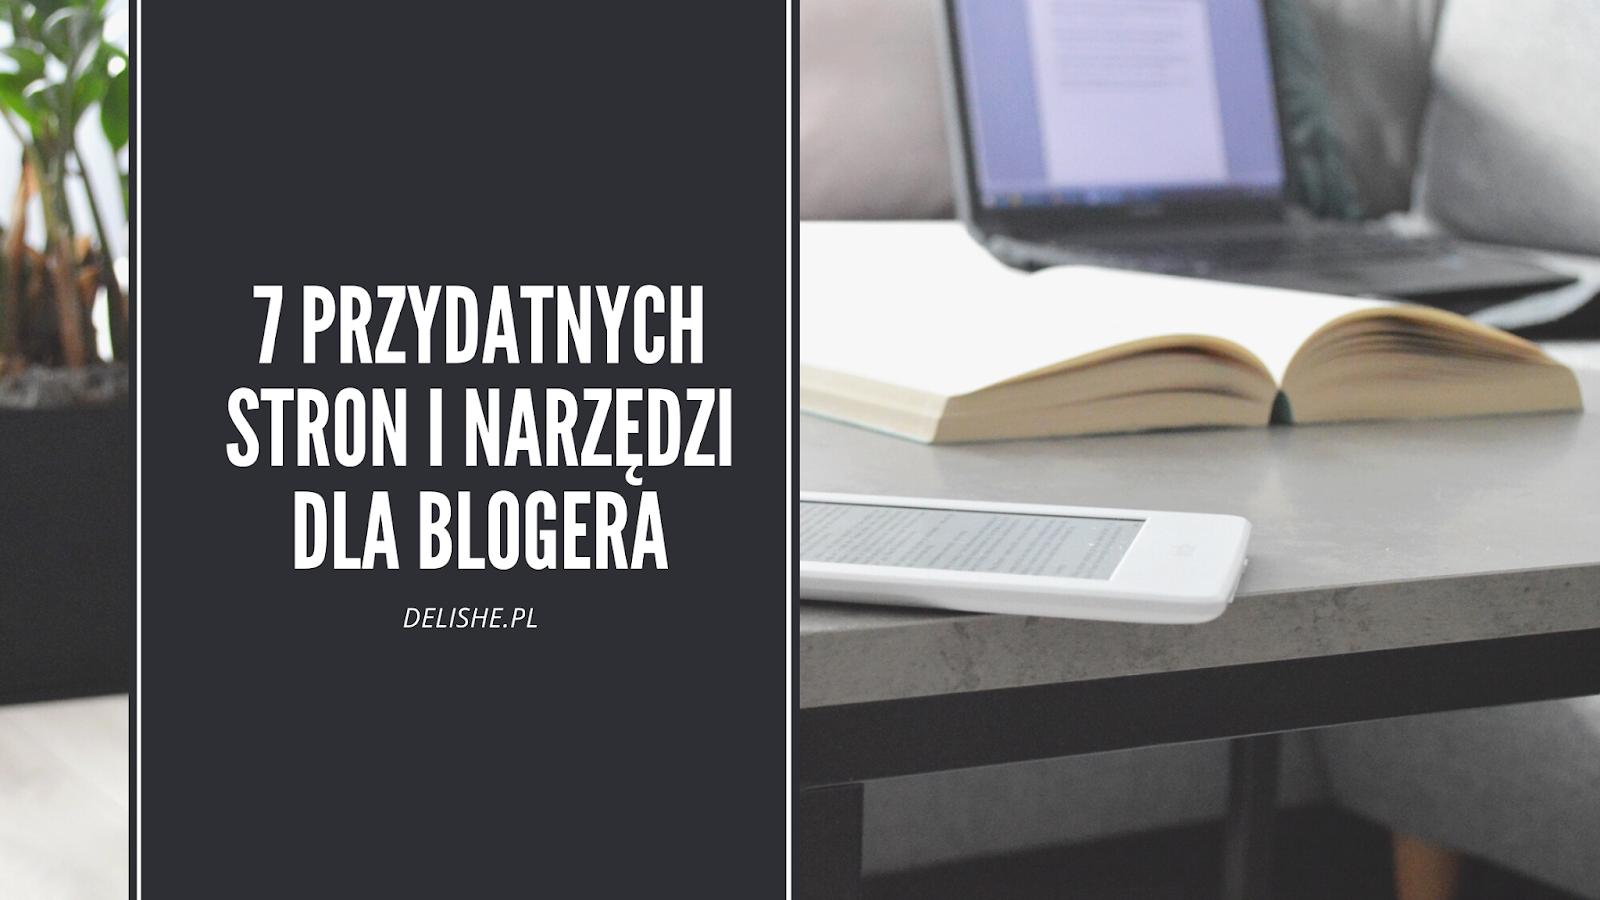 7 przydatnych stron i narzędzi dla blogera